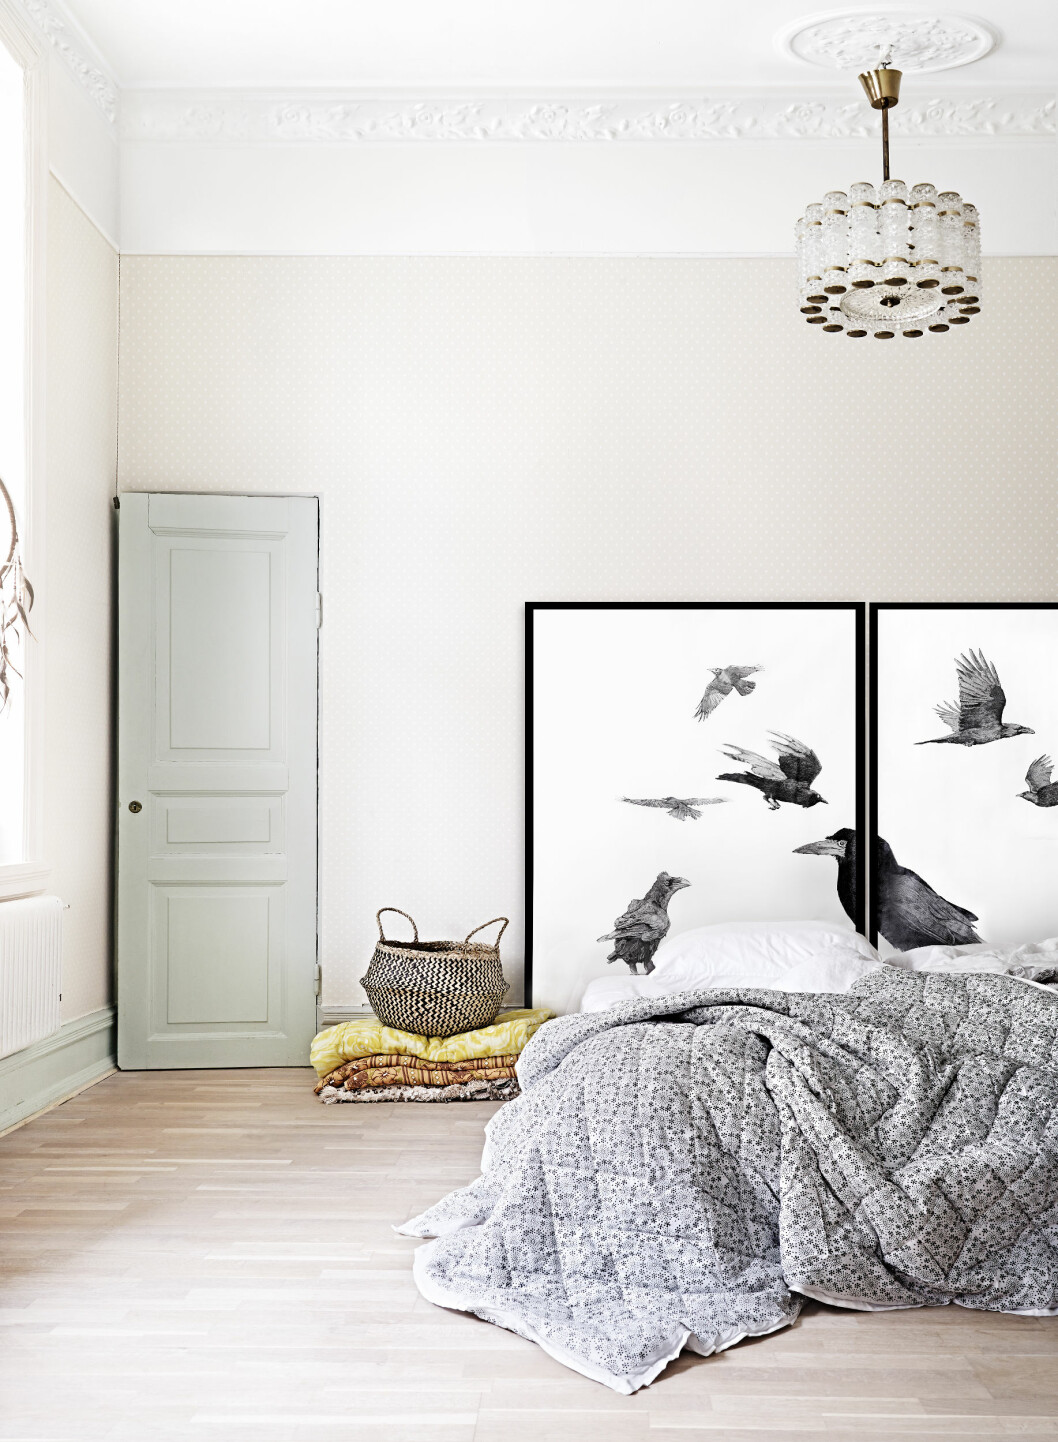 SPARTANSK SOVEROM: Enkelt og nesten japansk stil på soverommet. Bildene er malt av en venn og fungerer som sengegavl.  Foto: Sara Svenningrud